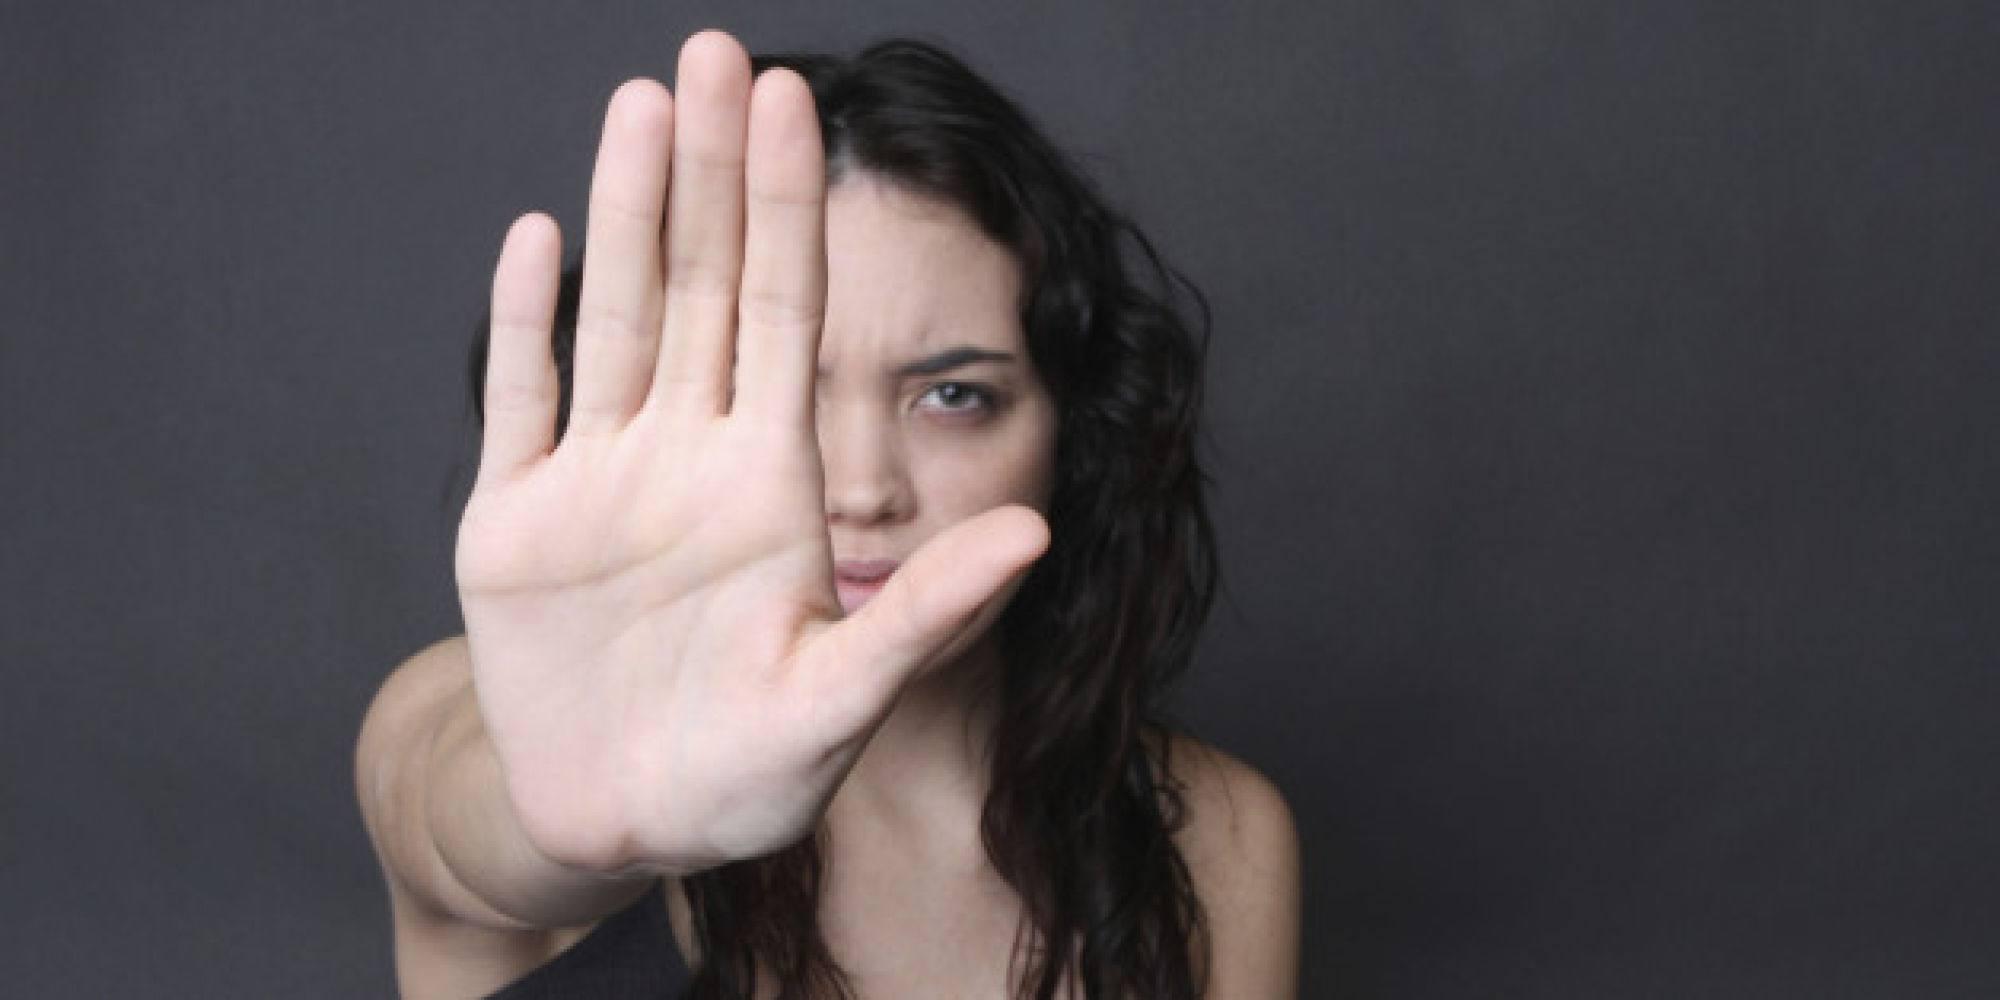 Sem ações efetivas do governo, mais uma mulher é agredida no metrô de SP